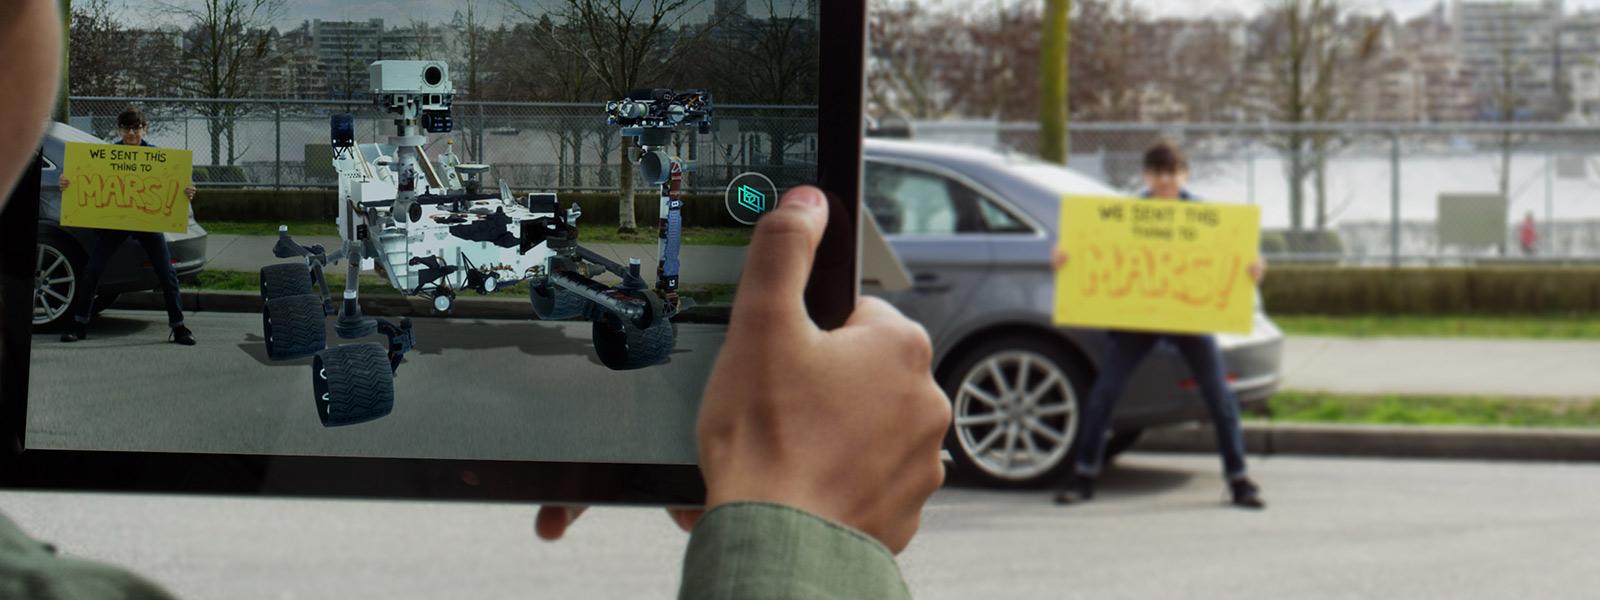 正在执行将汽车添加到图像操作的 View 3D